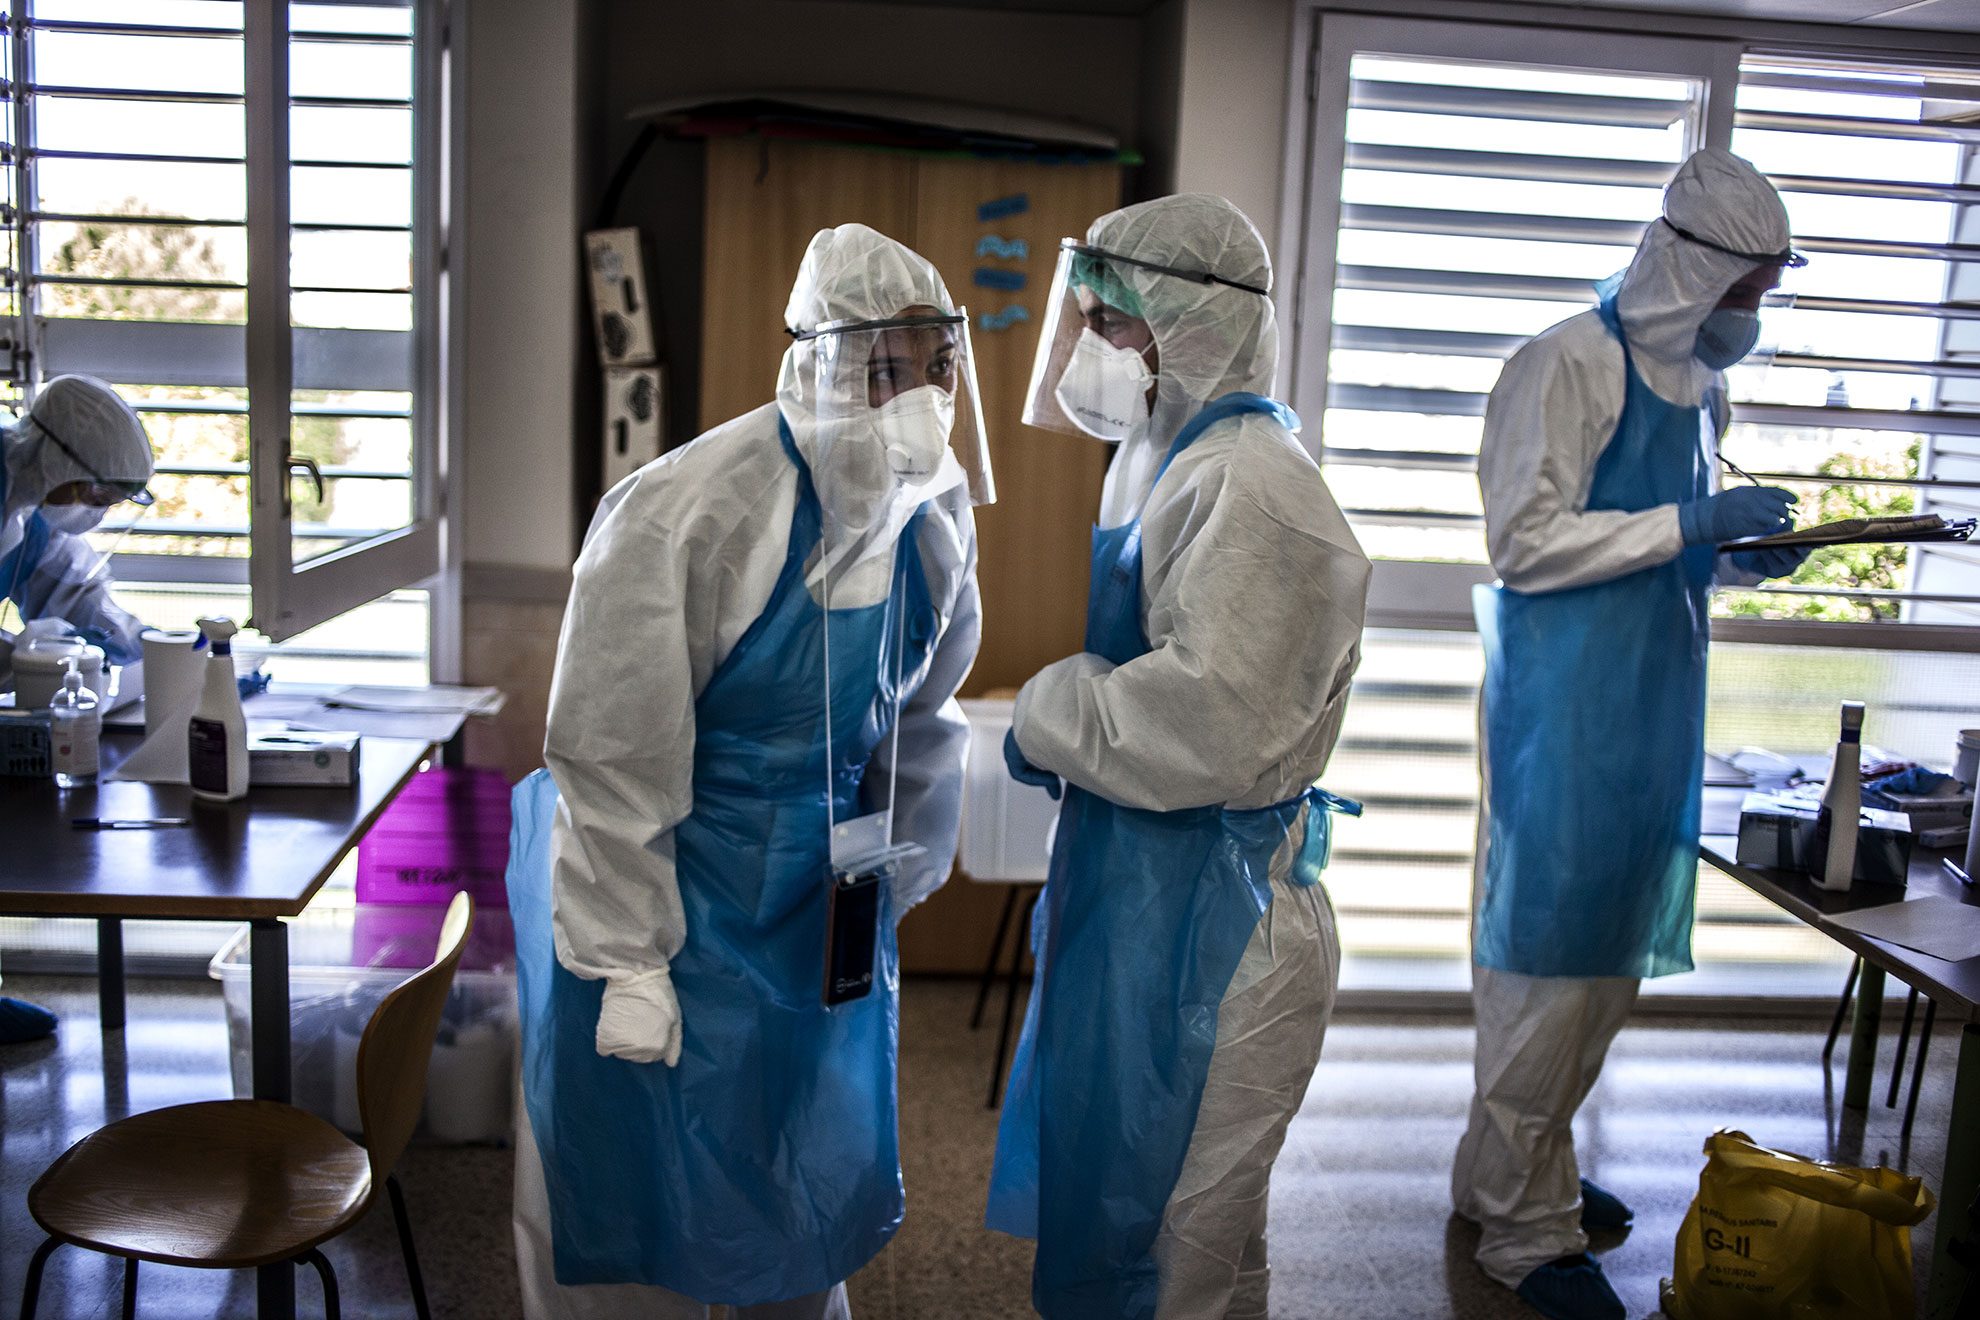 Los voluntarios de la ONG @proactivaopenarms se preparan para realizan pruebas de emergencia para determinar si existe un posible brote de la pandemia de la enfermedad COVID-19 entre pacientes en un hogar de ancianos en Barcelona, noreste de España, abril de 2020. A pesar de que casi todos los países adoptan medidas específicas para proteger la enfermería y las casas de retiro de la actual pandemia de la enfermedad COVID-19 causada por el coronavirus SARS-CoV-2, se han convertido en uno de los principales focos de infección, y sus residentes de edad avanzada constituyen un grupo de riesgo que es especialmente vulnerable a la enfermedad. propagación devastadora del virus.